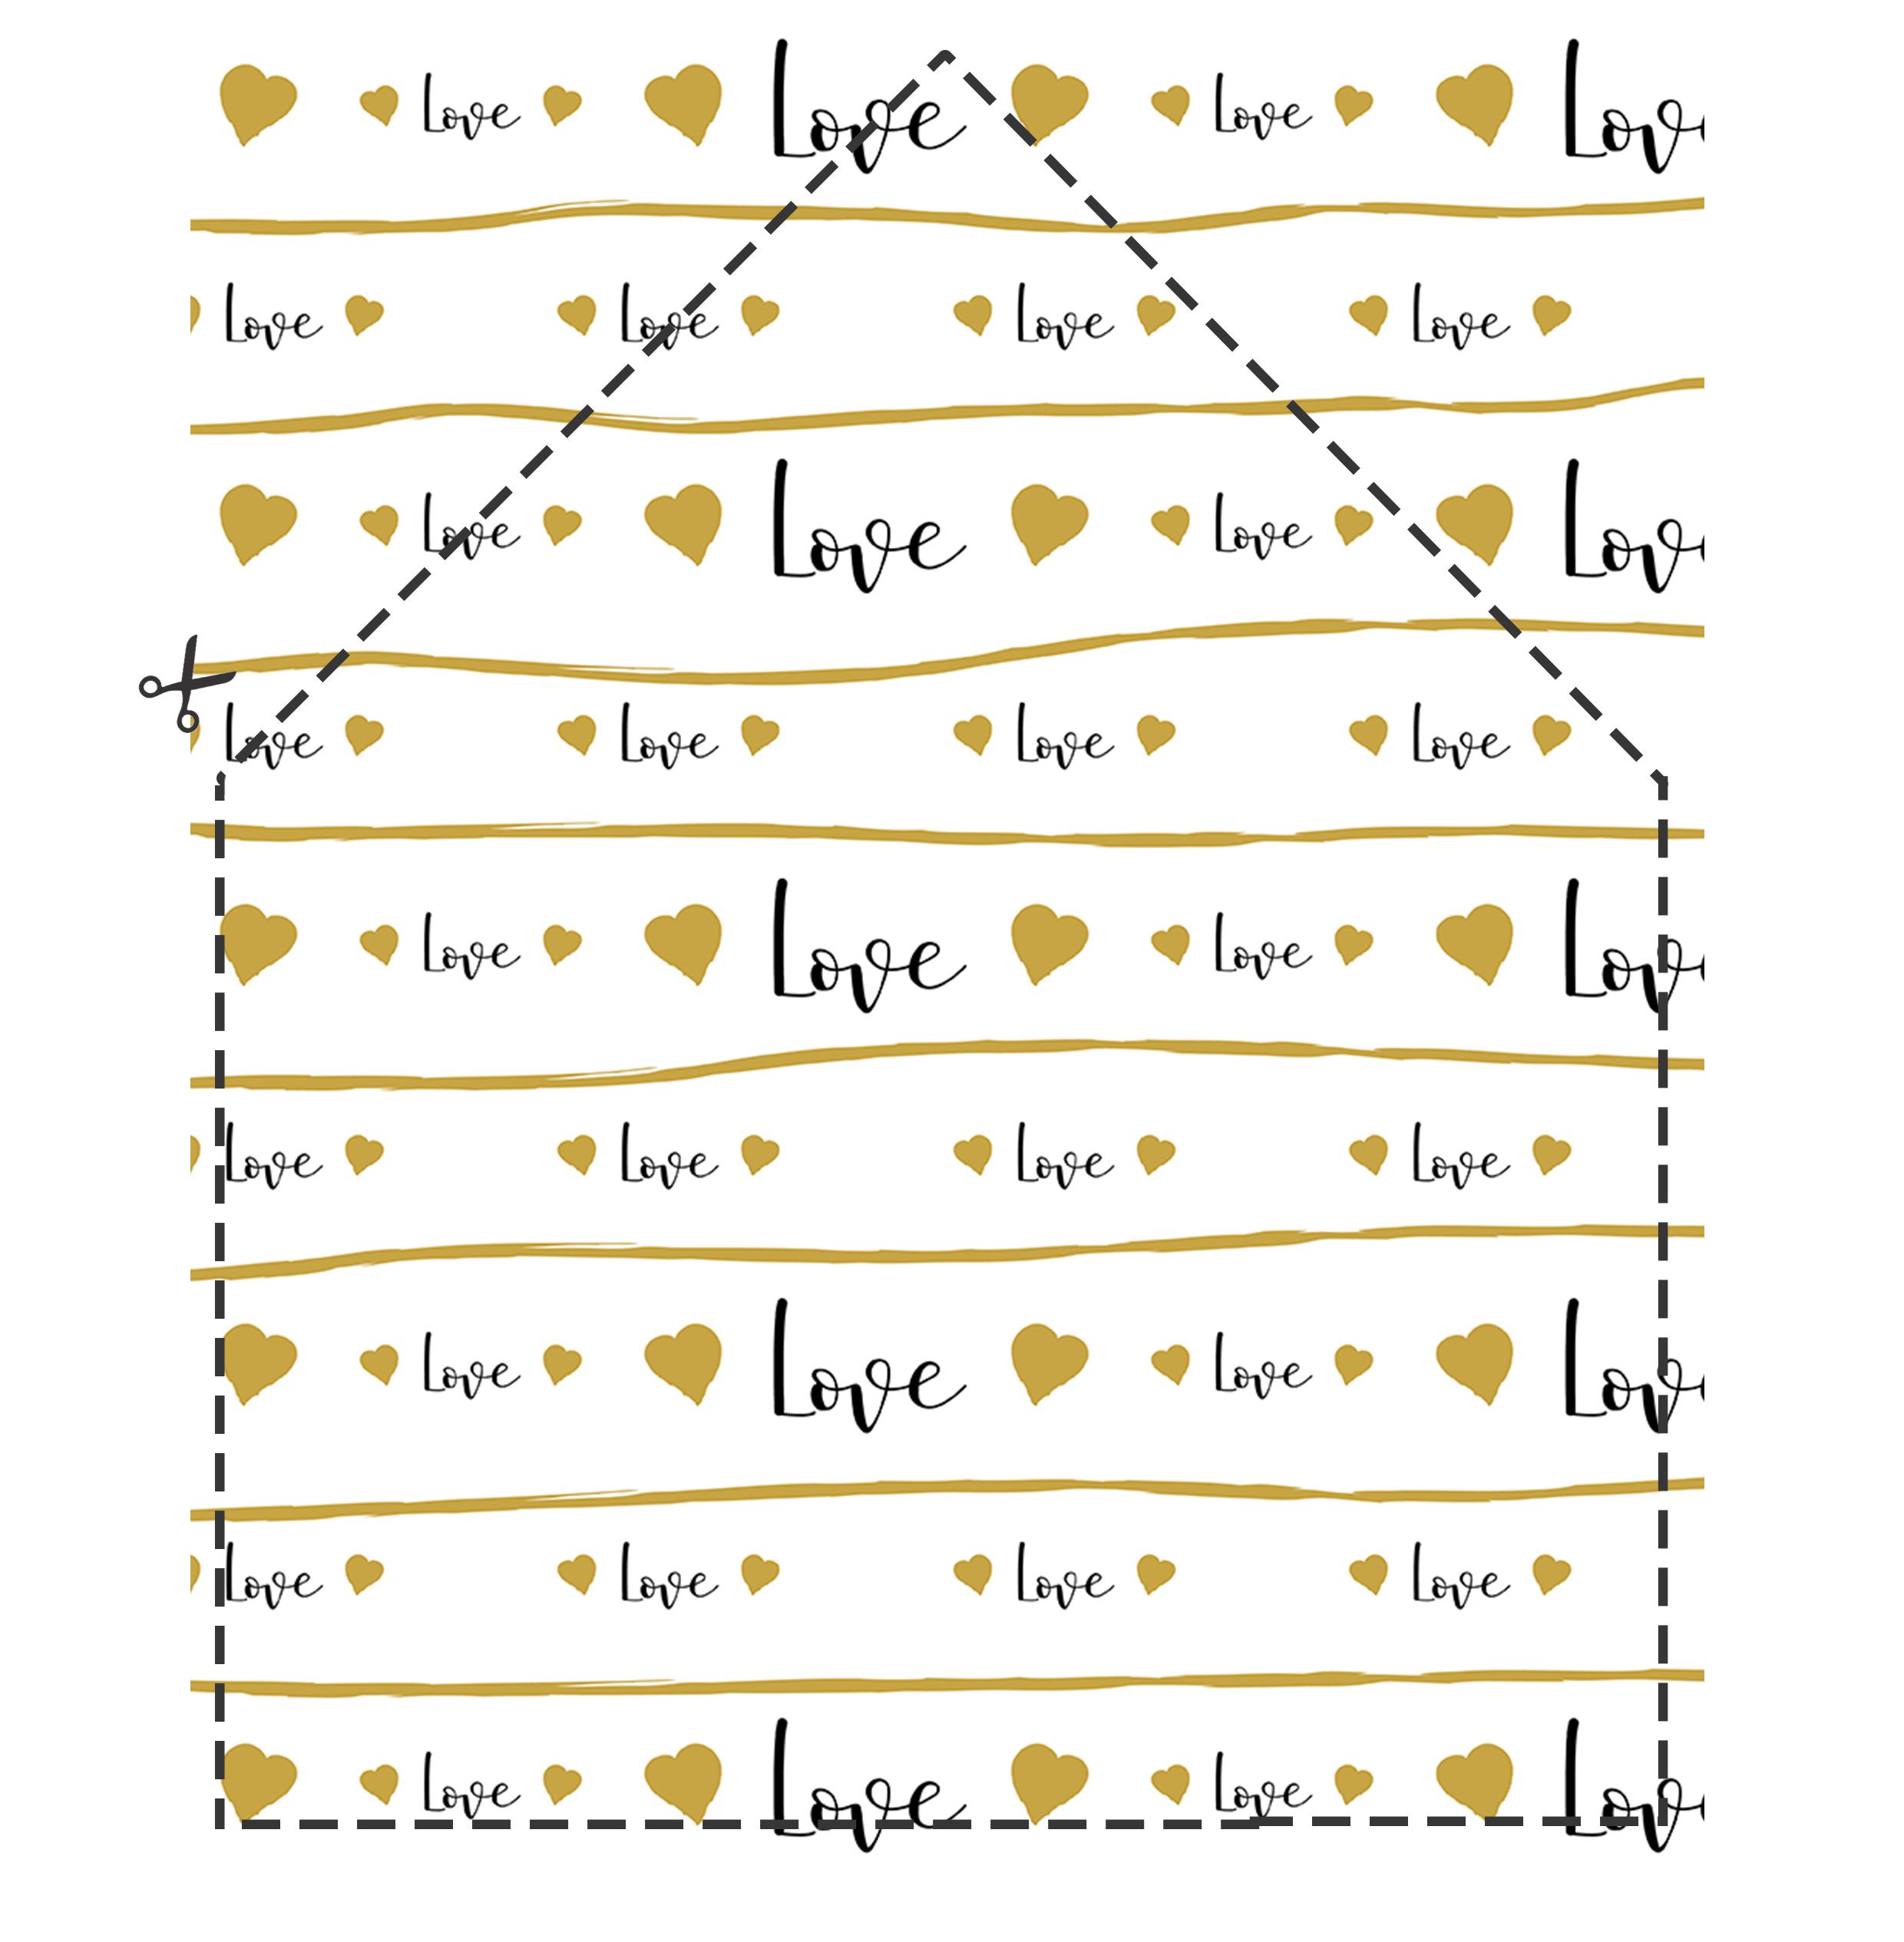 šablóna-vložka-do-obálky-na-stiahnutie-love